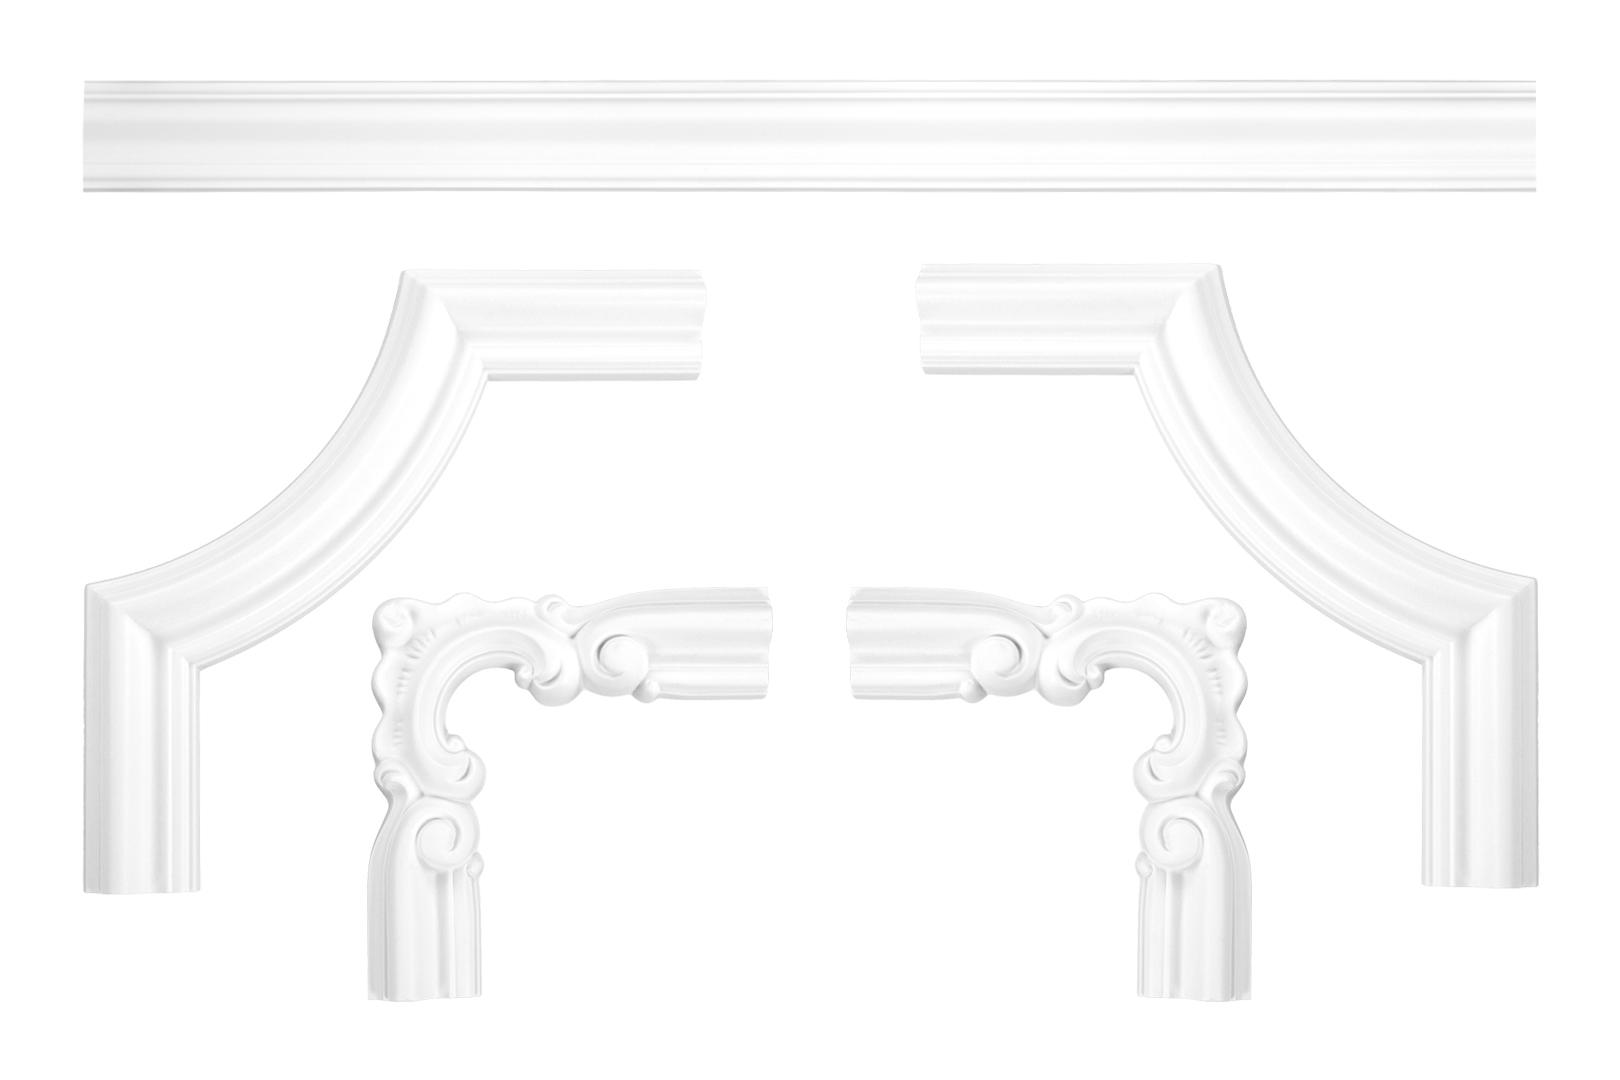 Wand- und Deckenumrandung | Fries | Stuck | PU | stoßfest | CR824/A/B